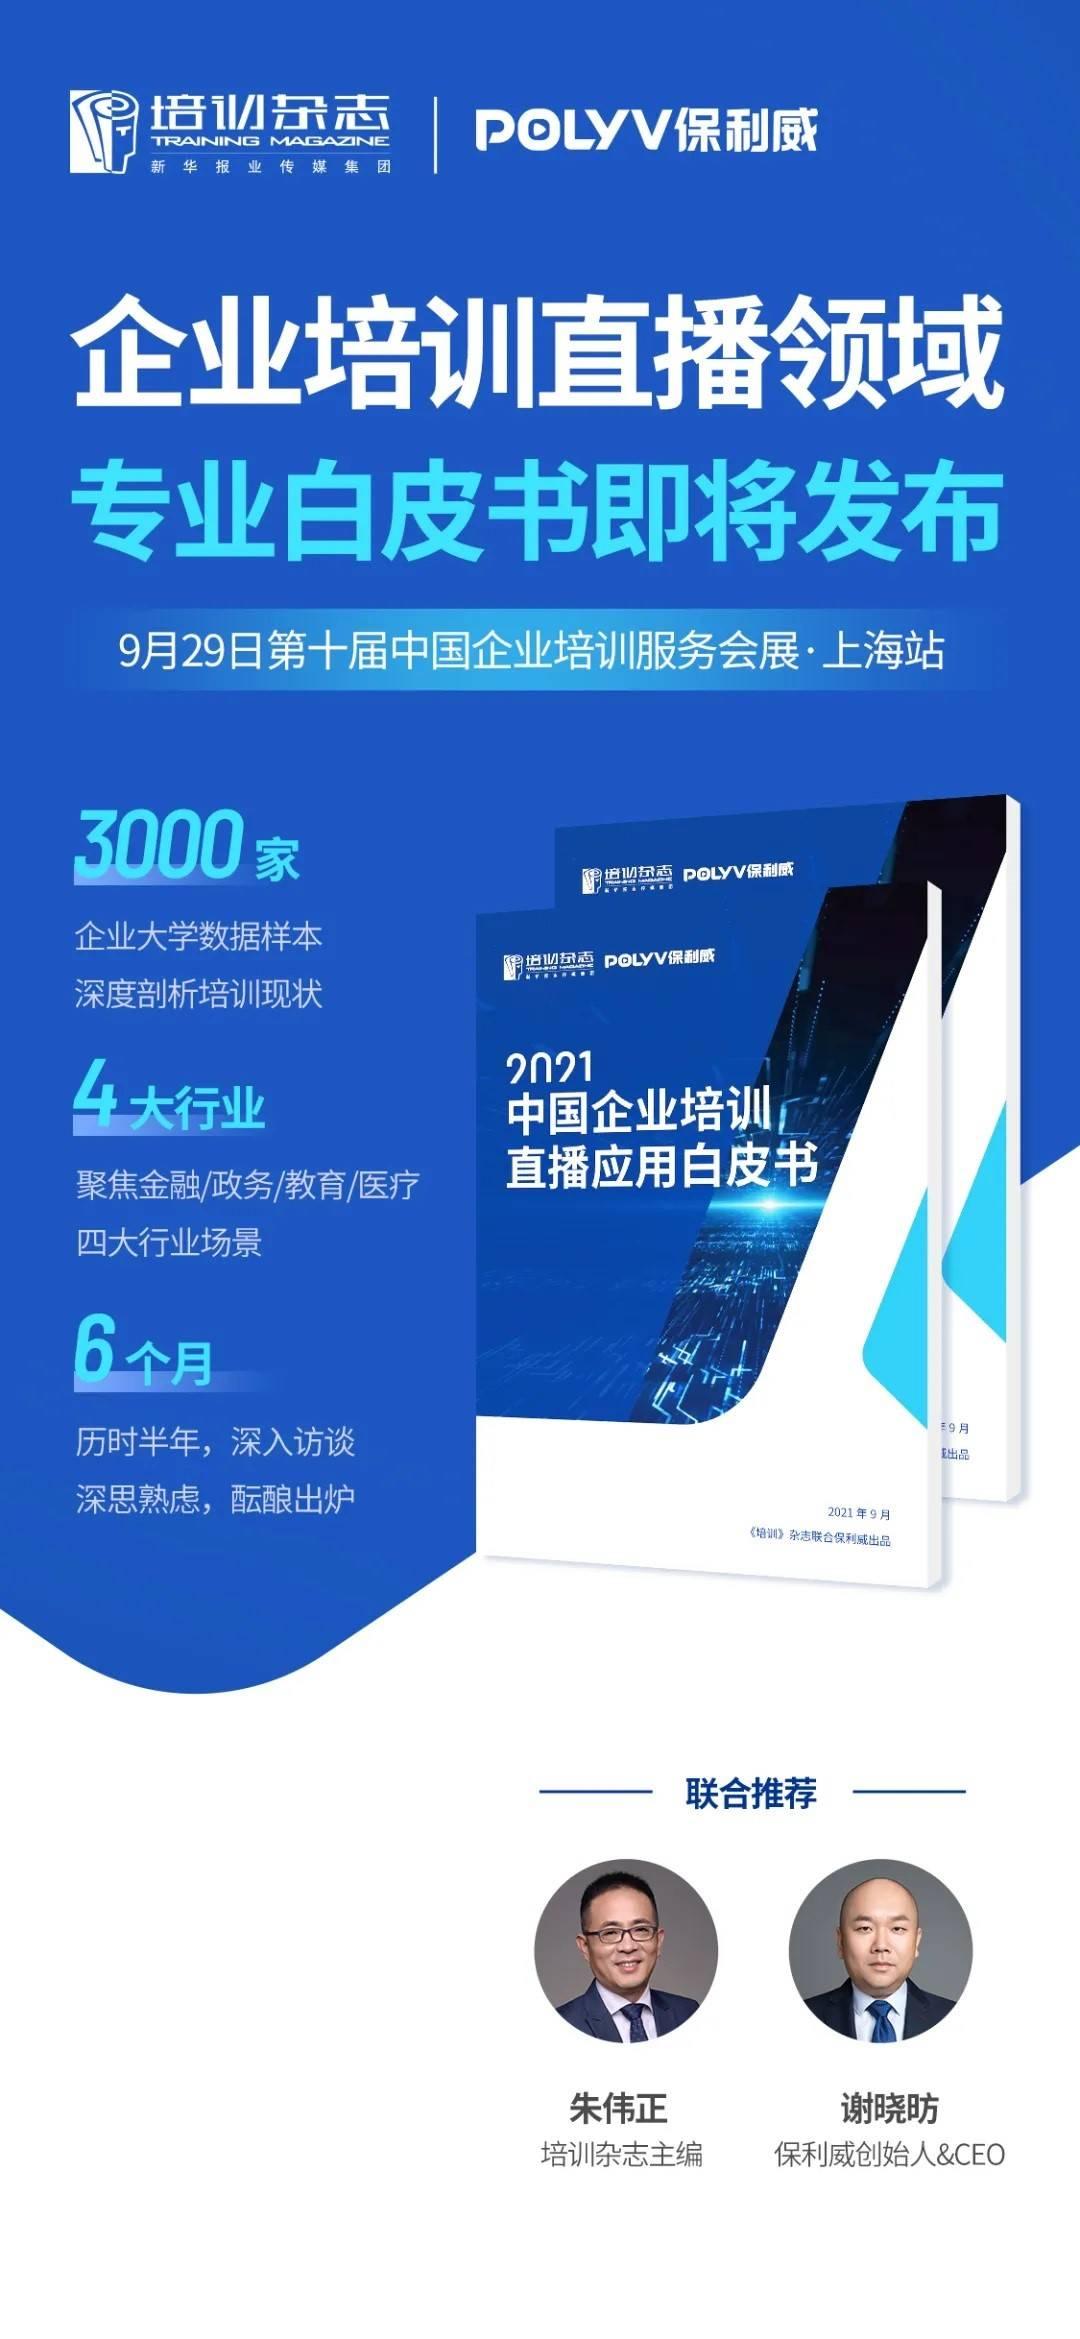 抢先剧透!《培训》杂志联合保利威发布《中国企业培训直播应用白皮书》